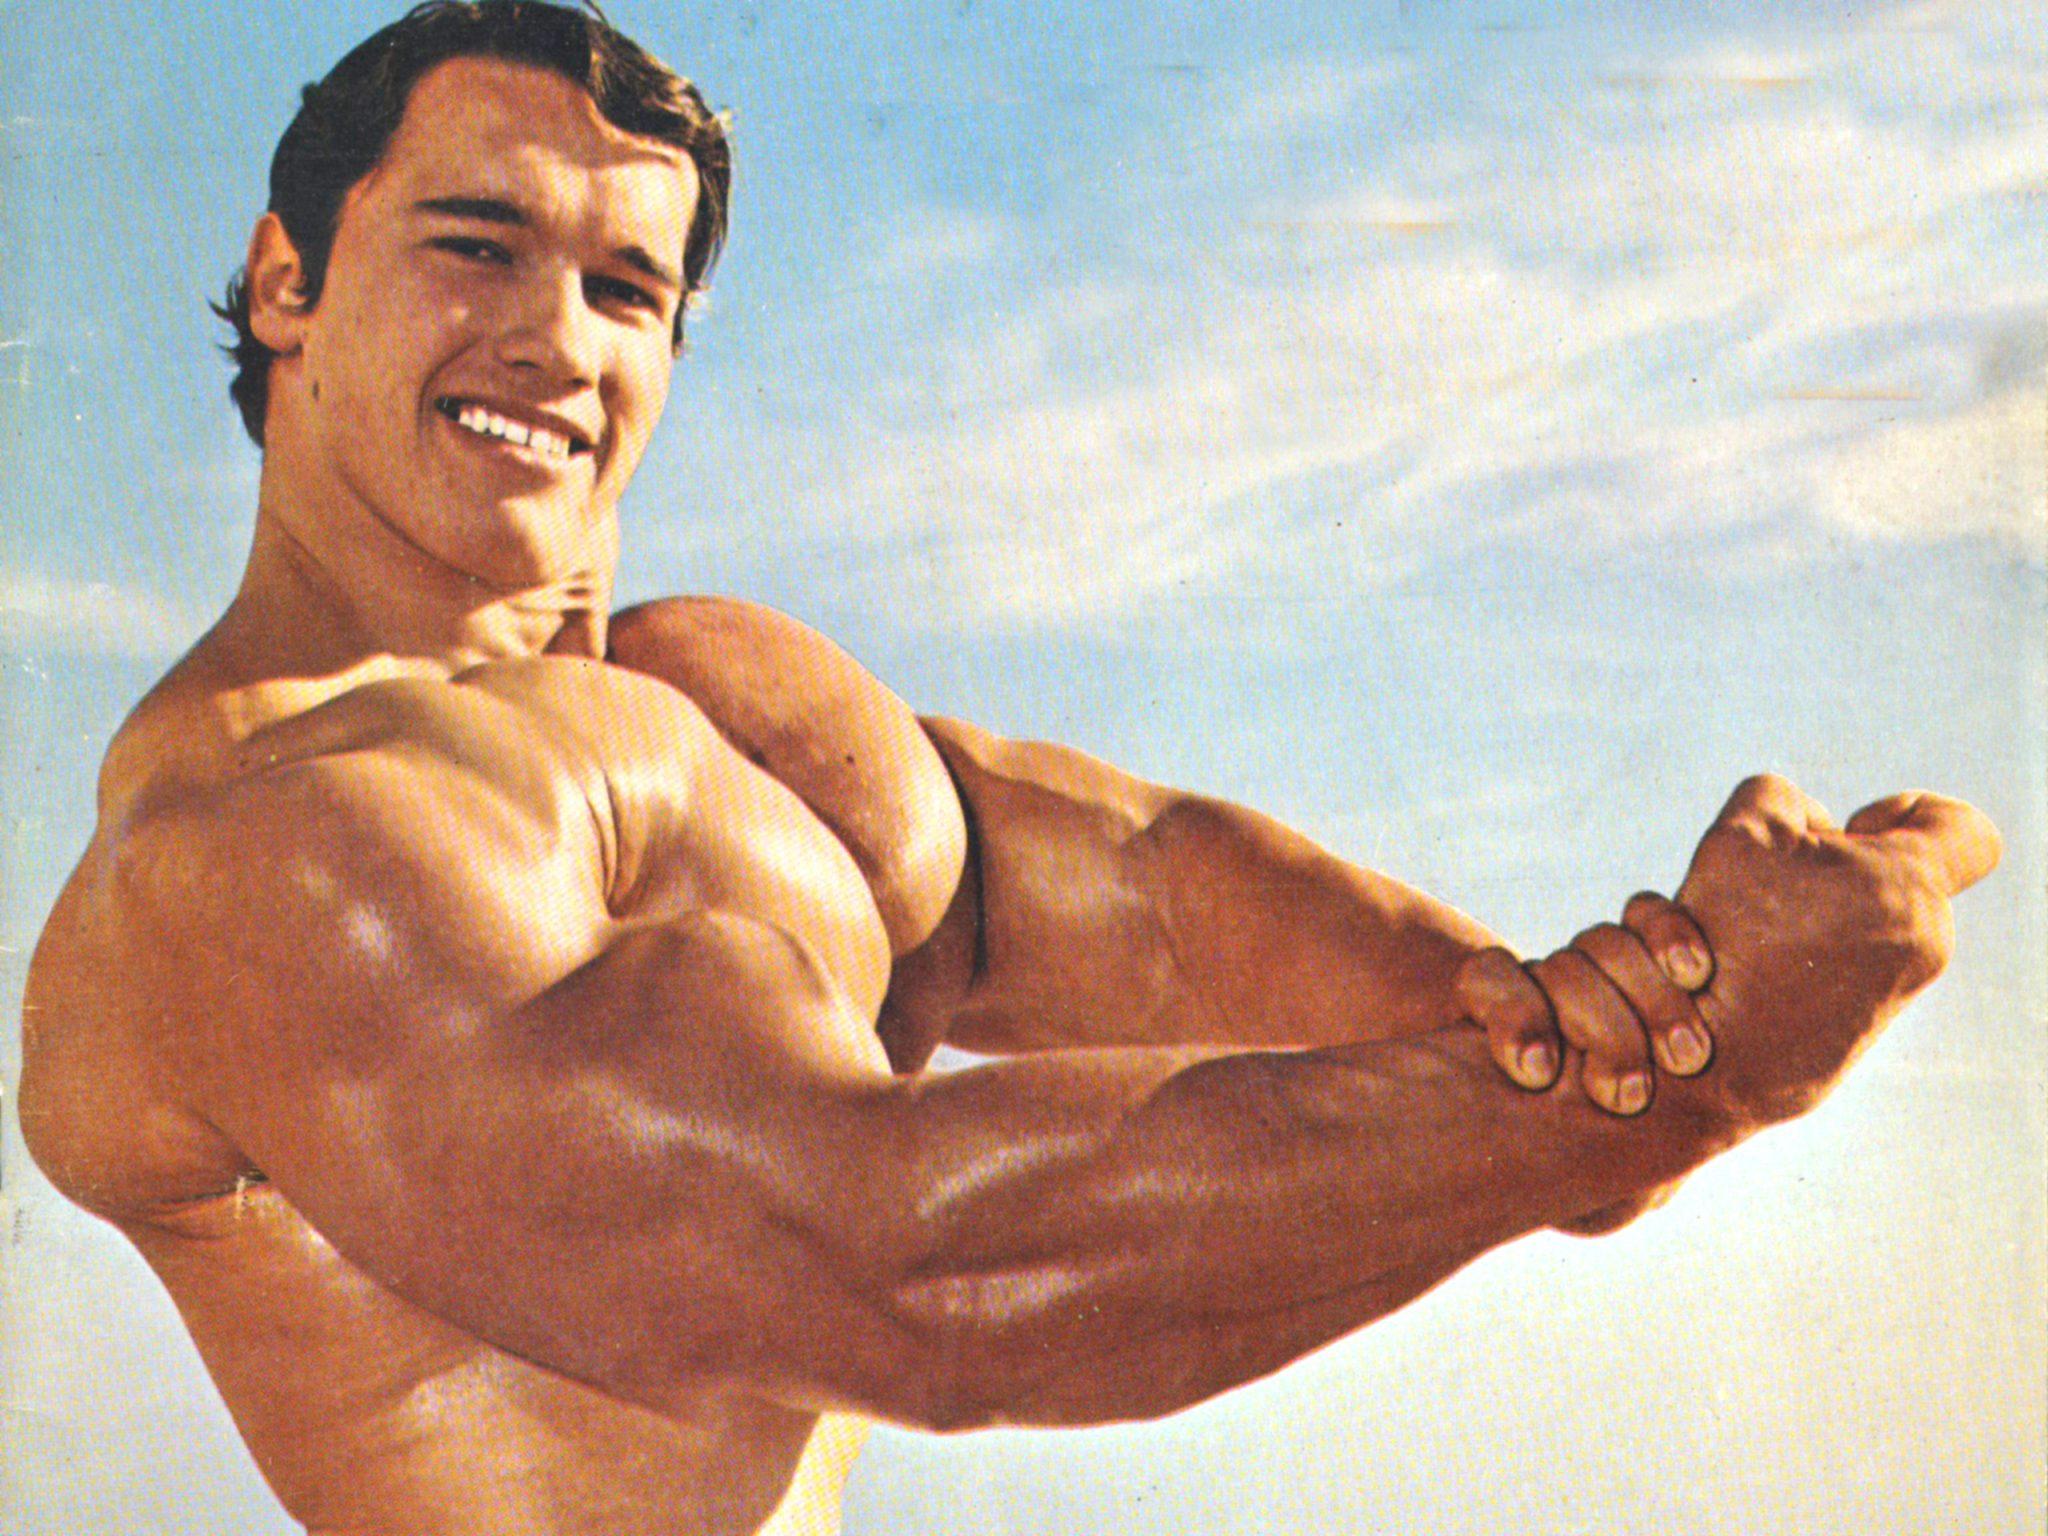 بدن سازی, بدنسازی, مکملها, مکملها, تمرینات سینه, افزایش حجم سینه, رشد عضلات سینه, چگونه سینههای حجیم بسازیم, راههای افزایش حجم سینه, سینه